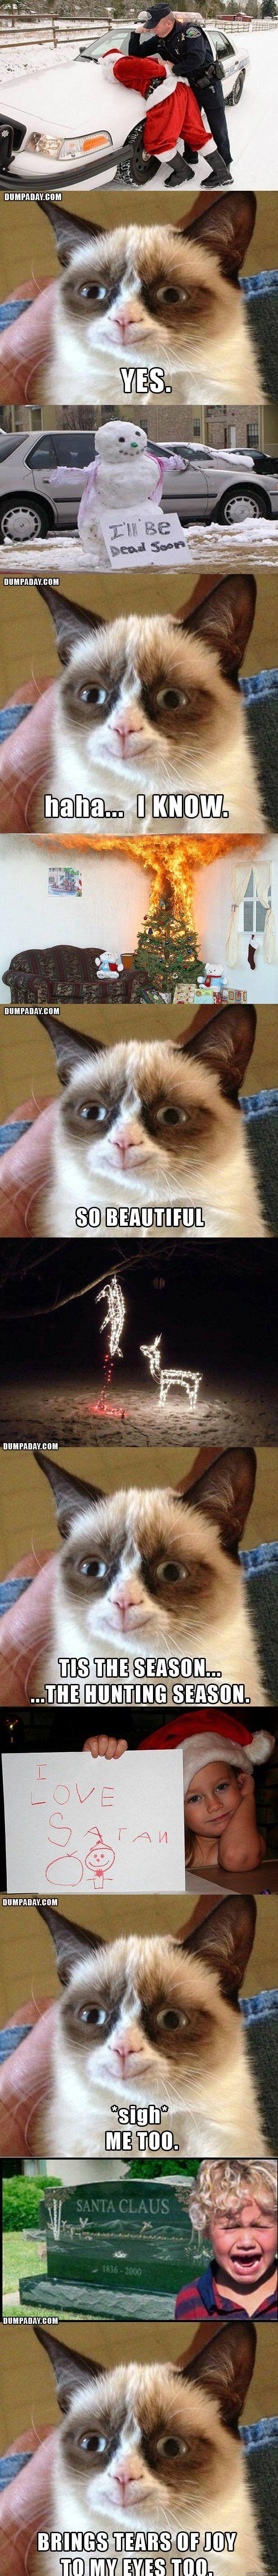 grumpy cat HAHA - happy and i love it haha!